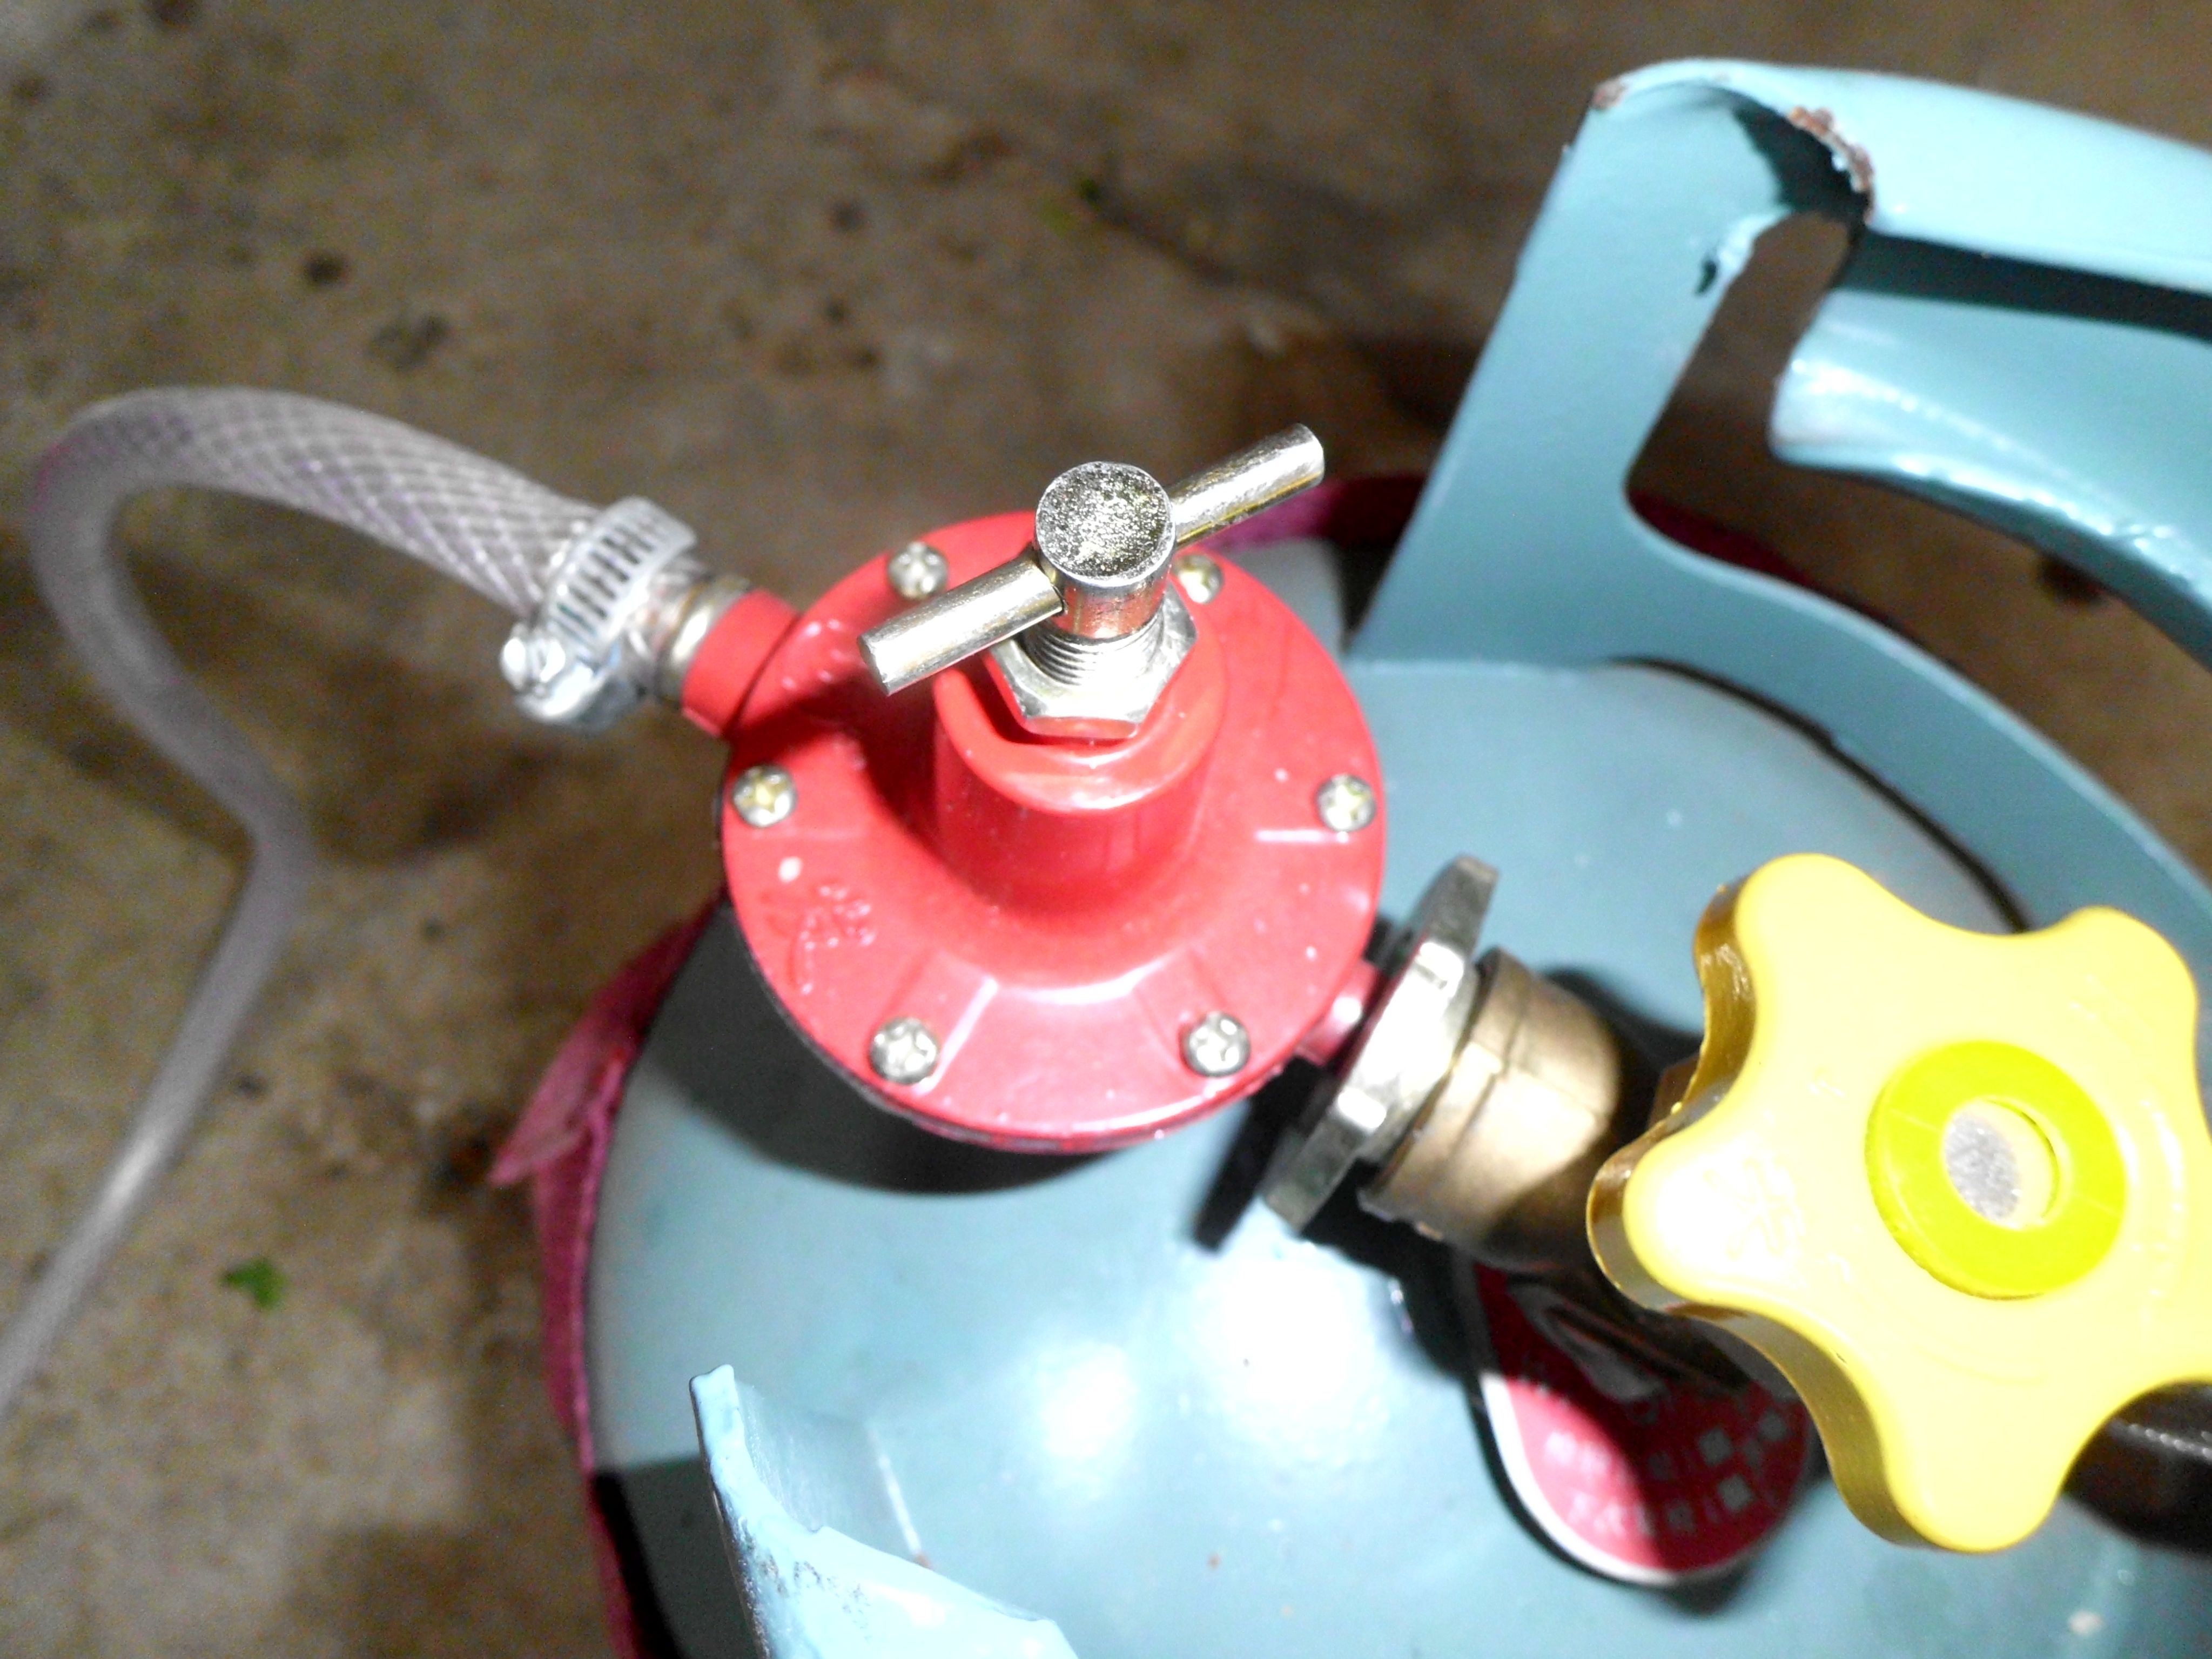 煤气阀门减压阀_煤气罐打不开!发现是这个阀门的原因,怎么拧都不通气!求 ...